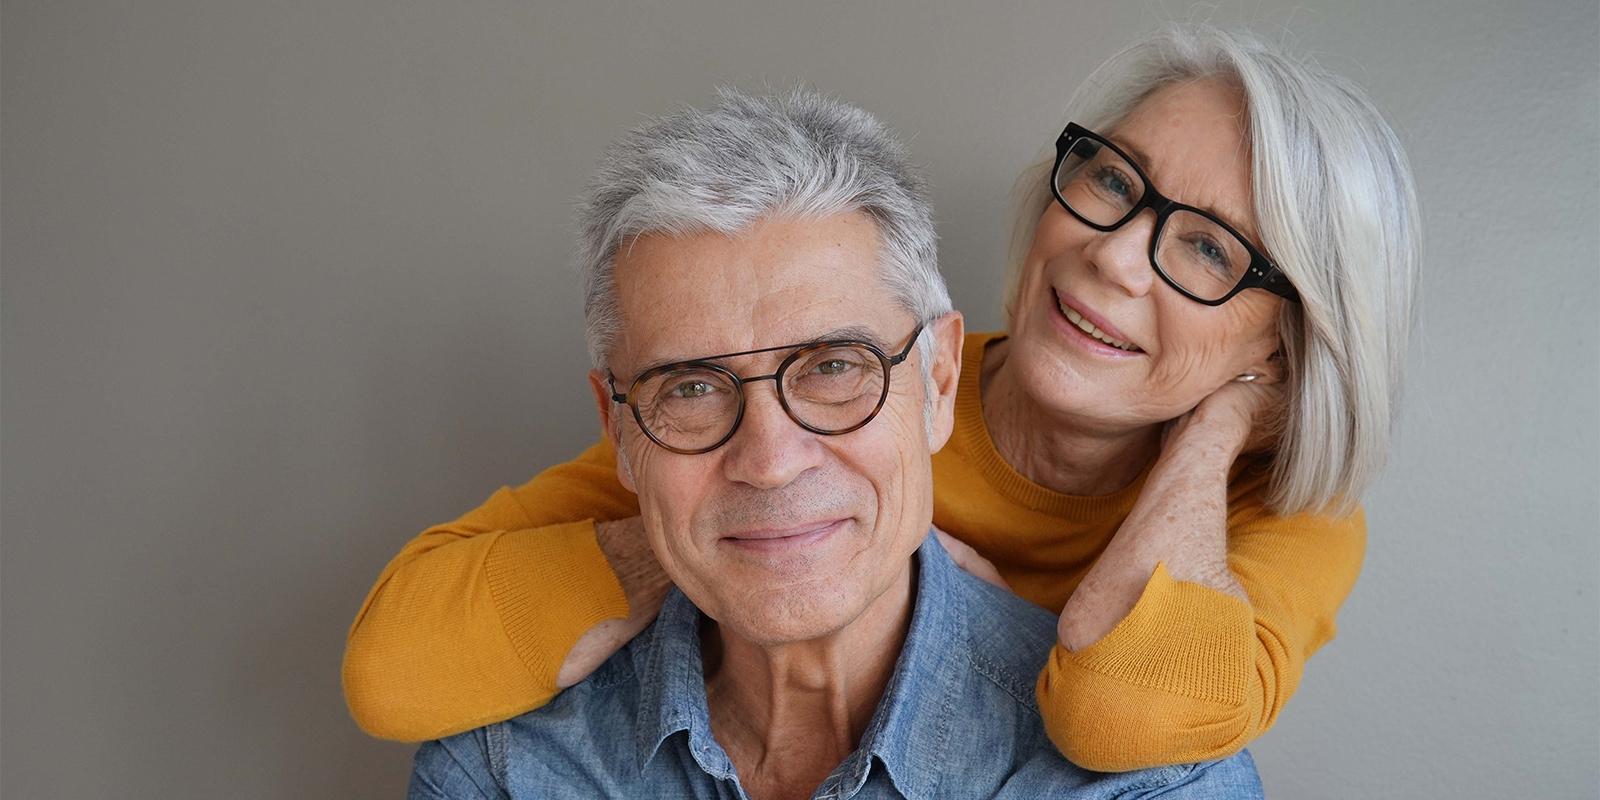 elderly couple portrait picture